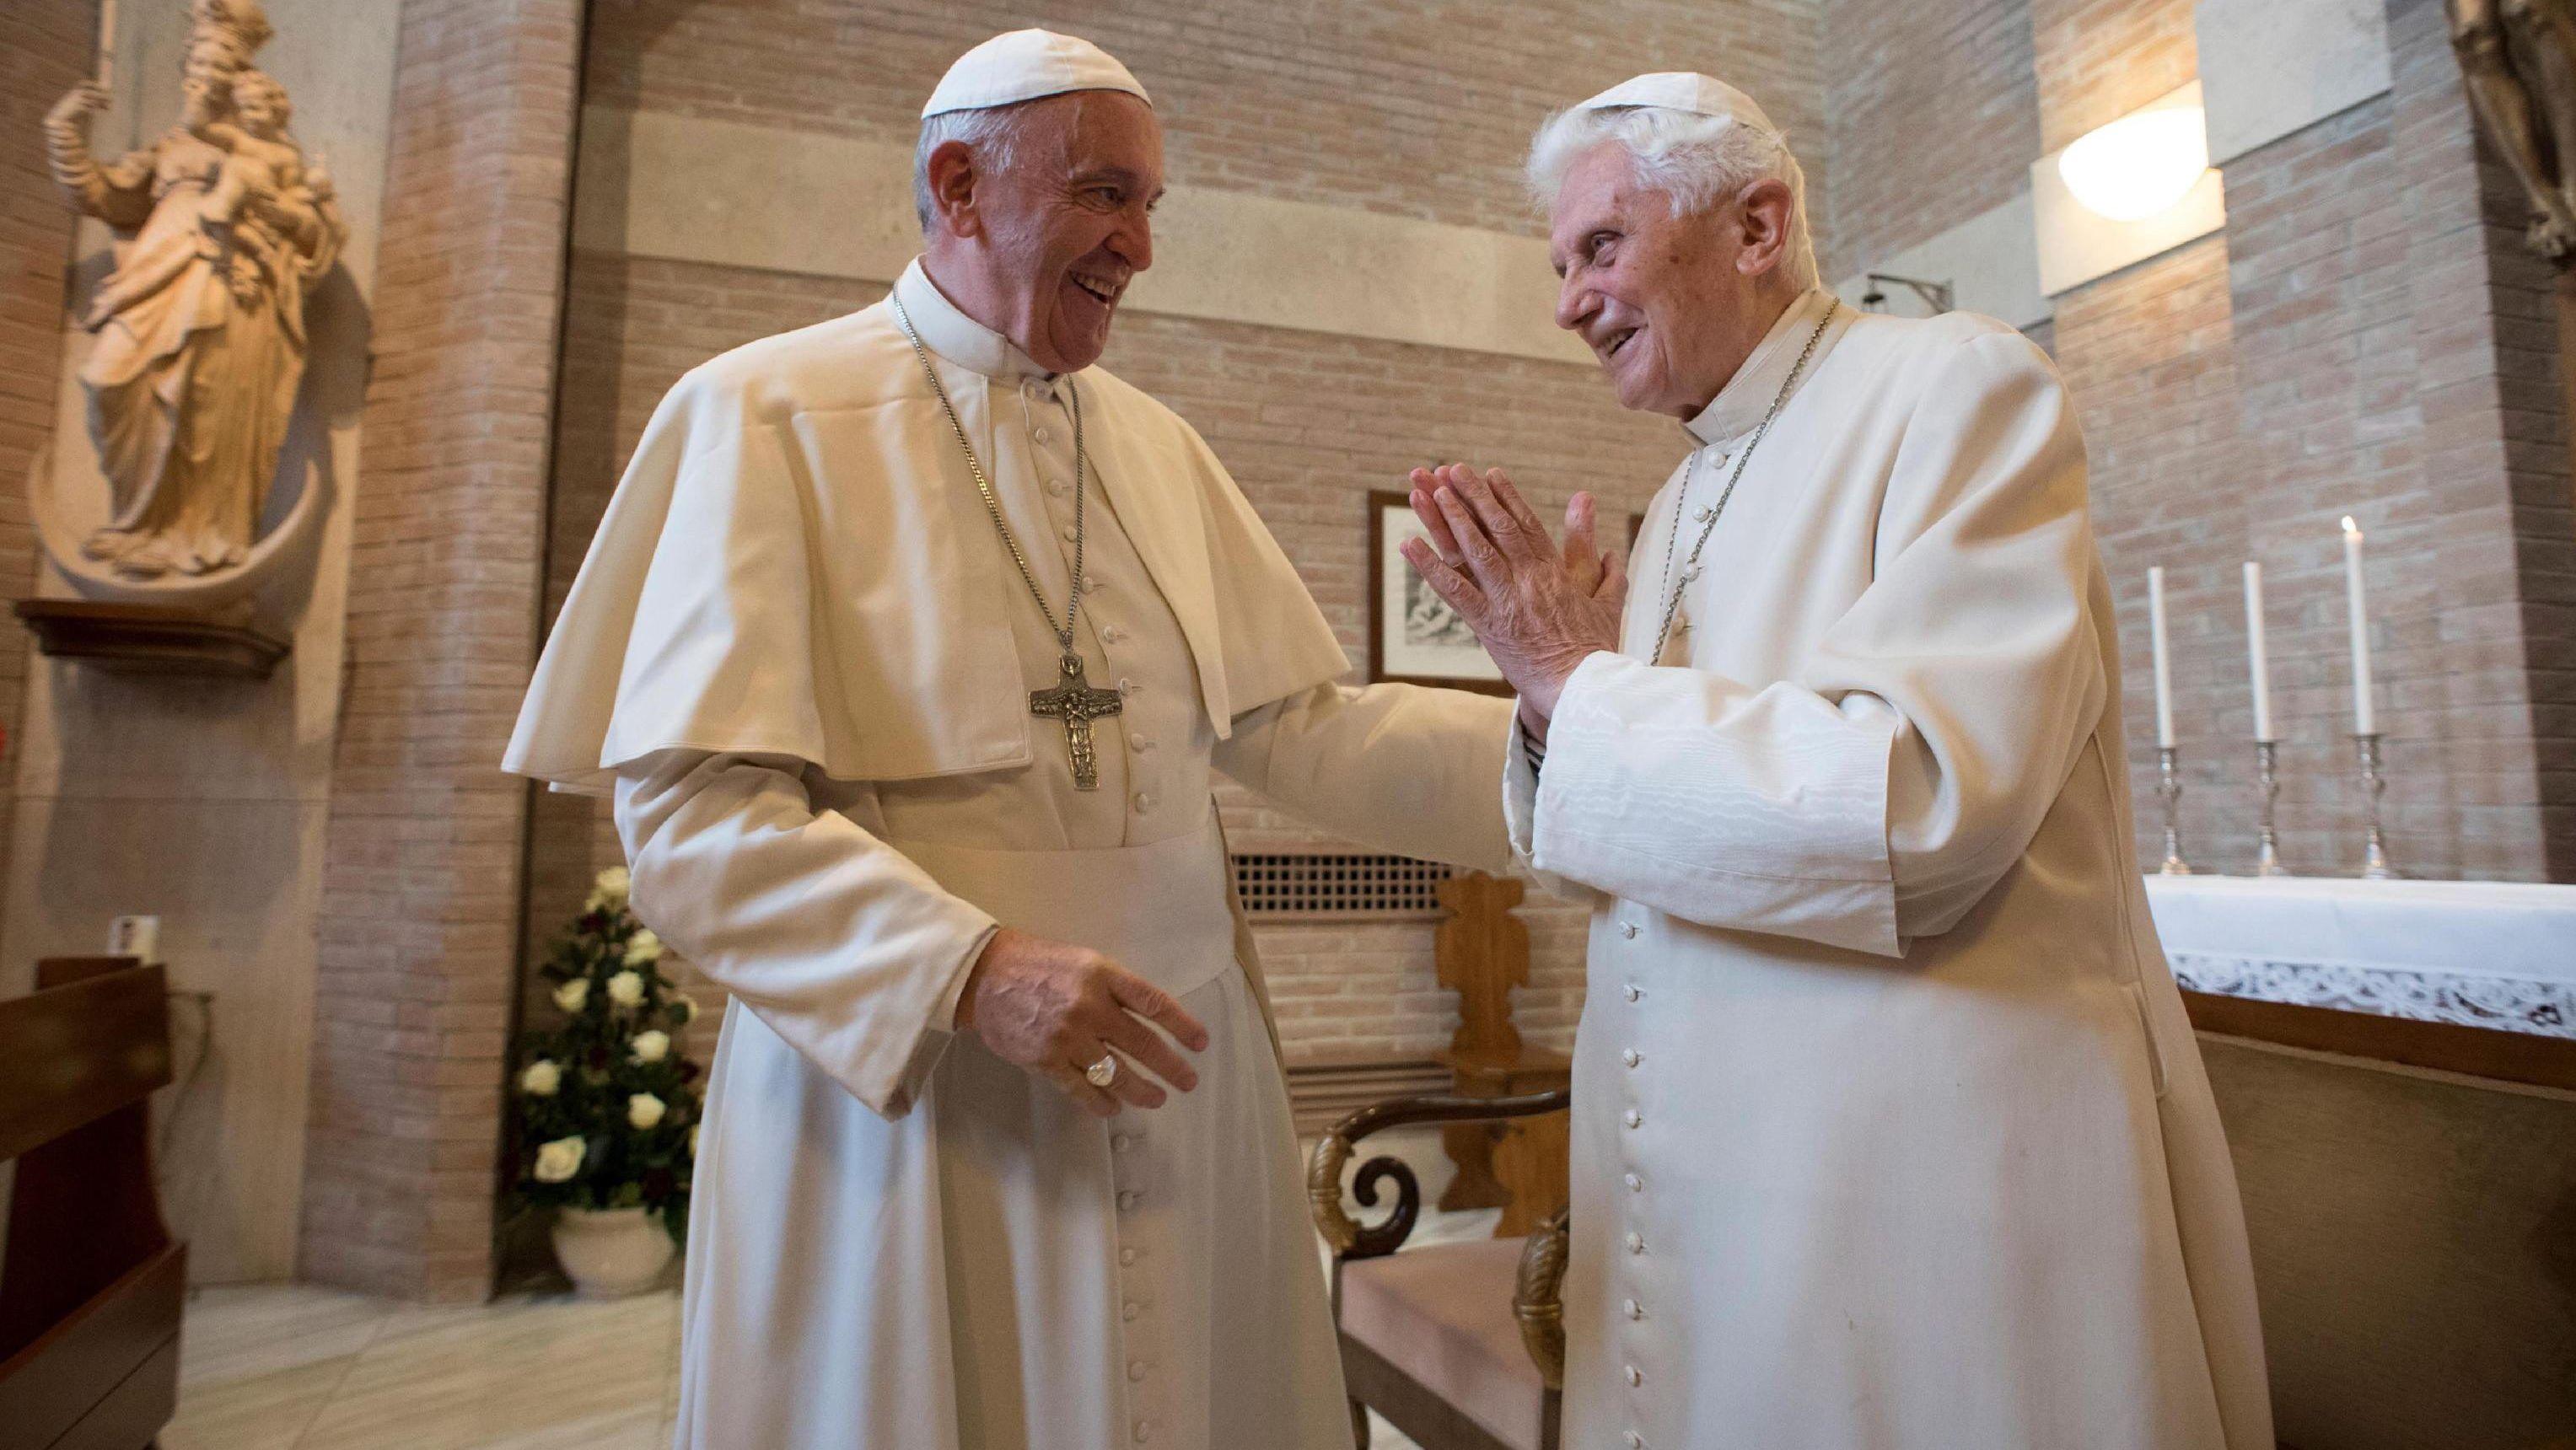 Papst Franziskus (l.) und der ehemalige Papst Benedikt XVI. (r.) in einer Kapelle des Vatikans.